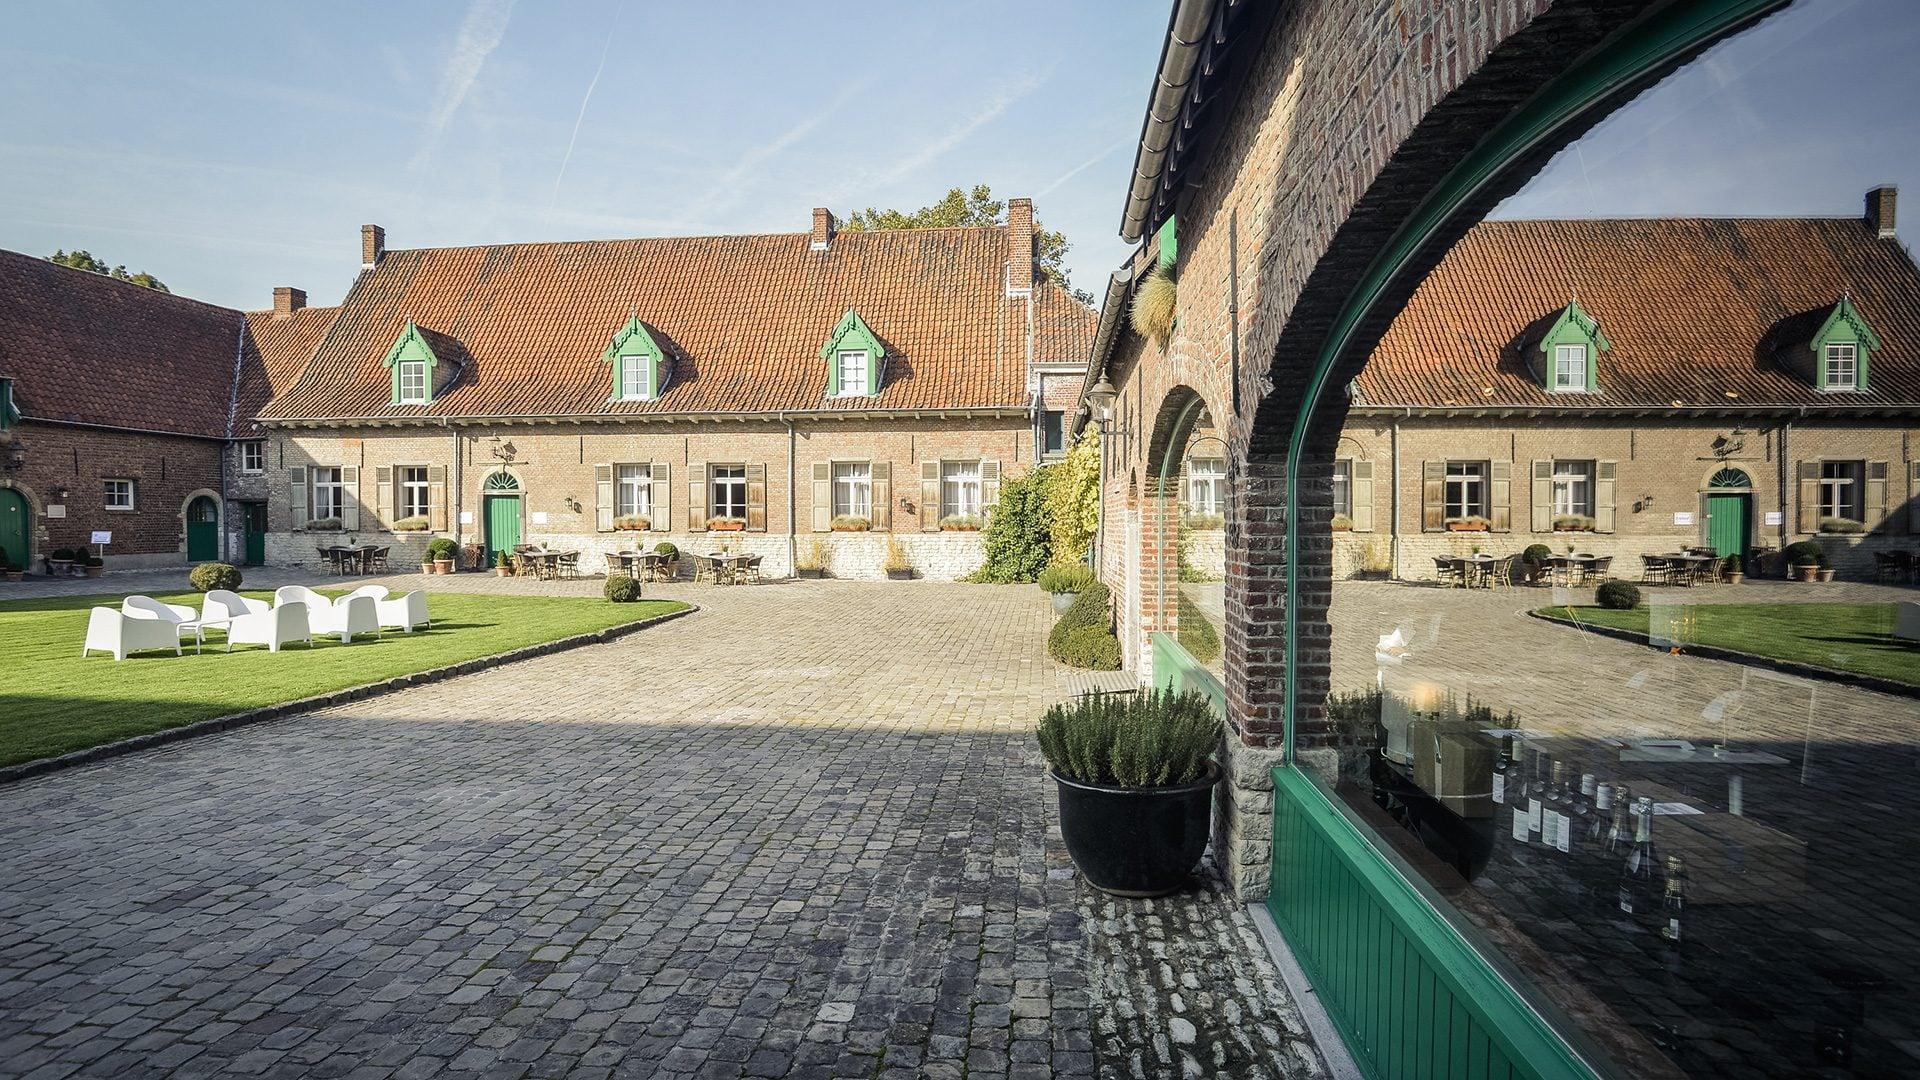 Historiek - Salons de Romree